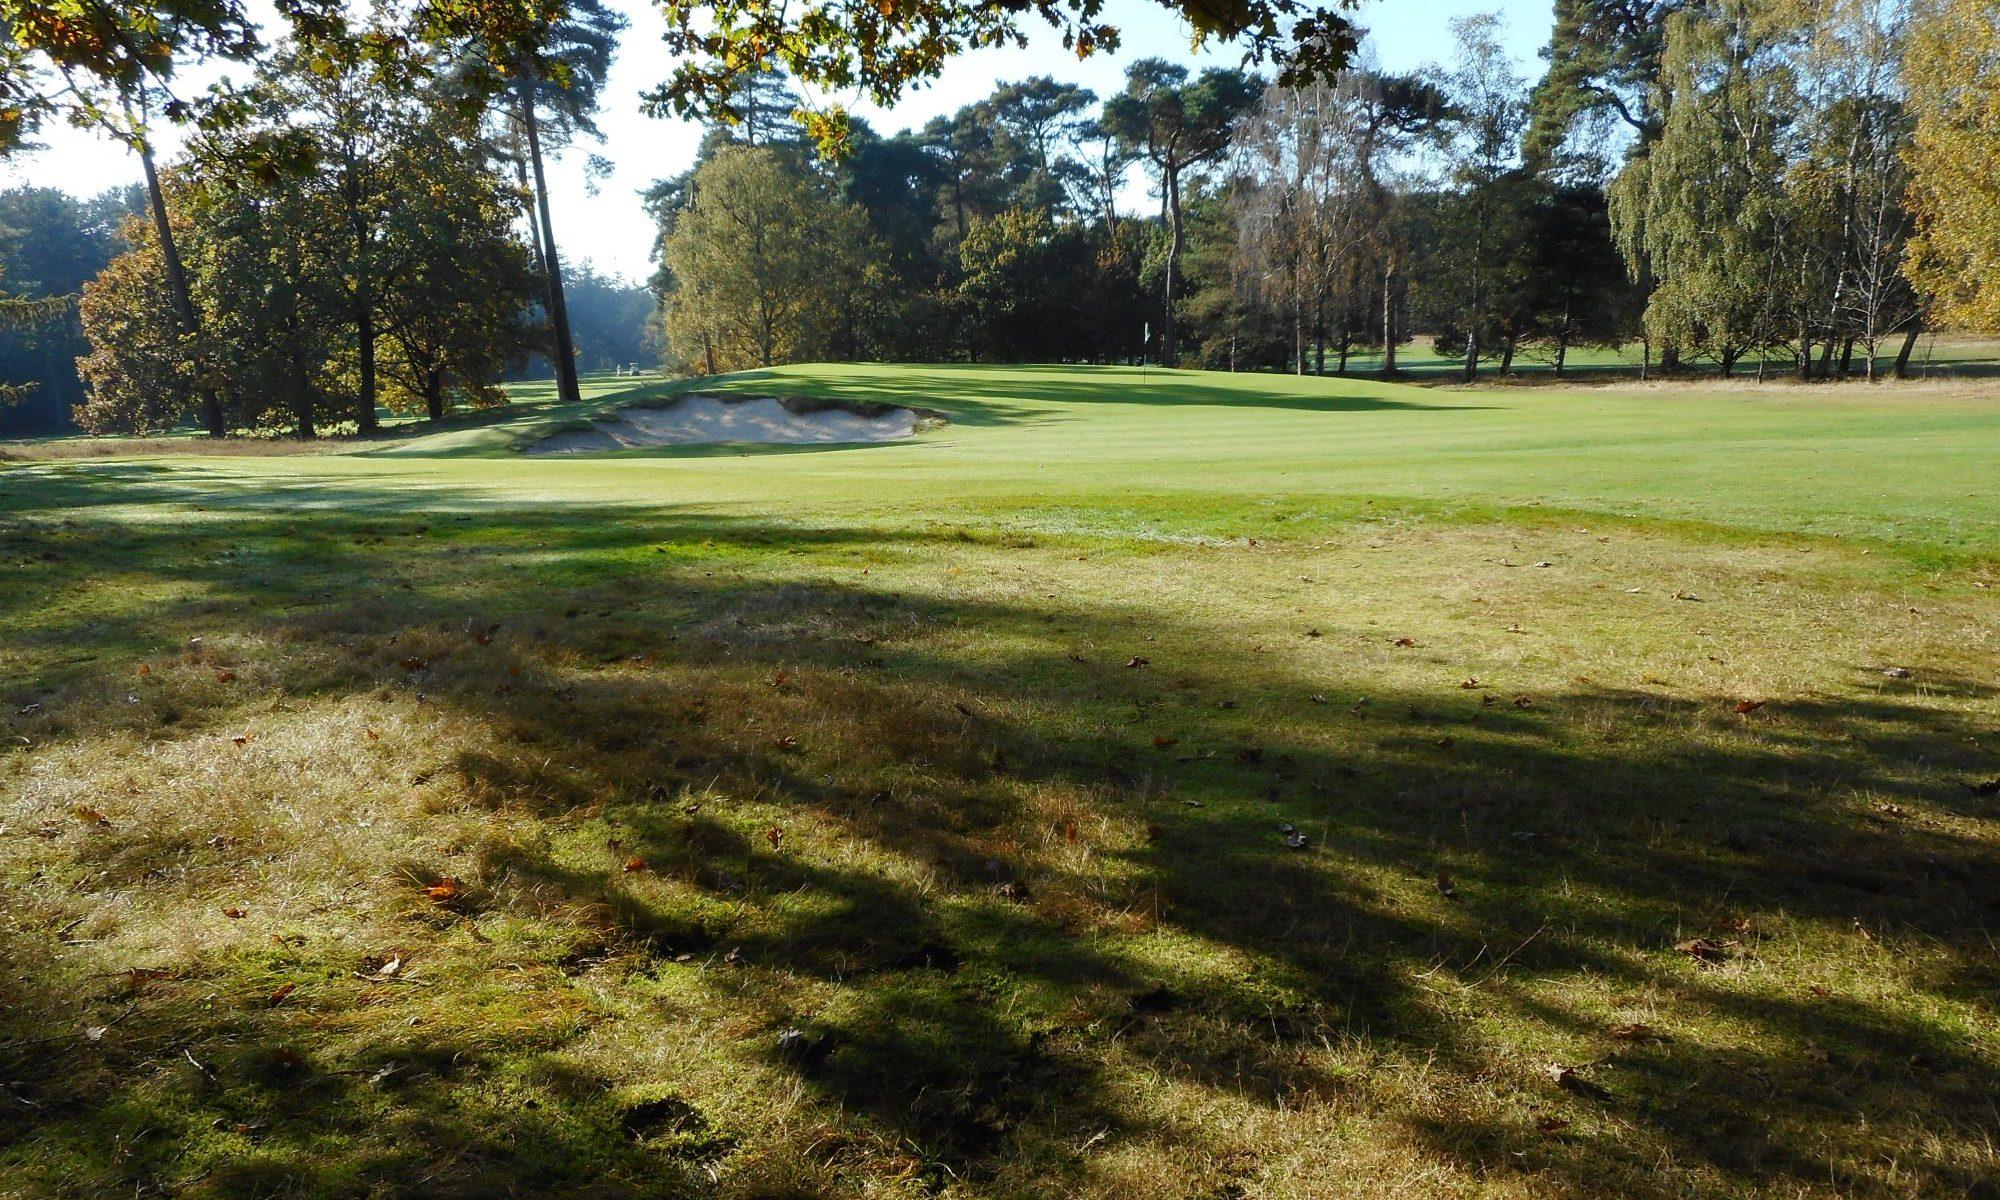 Golfbaan de Hoge Kleij in Leusden